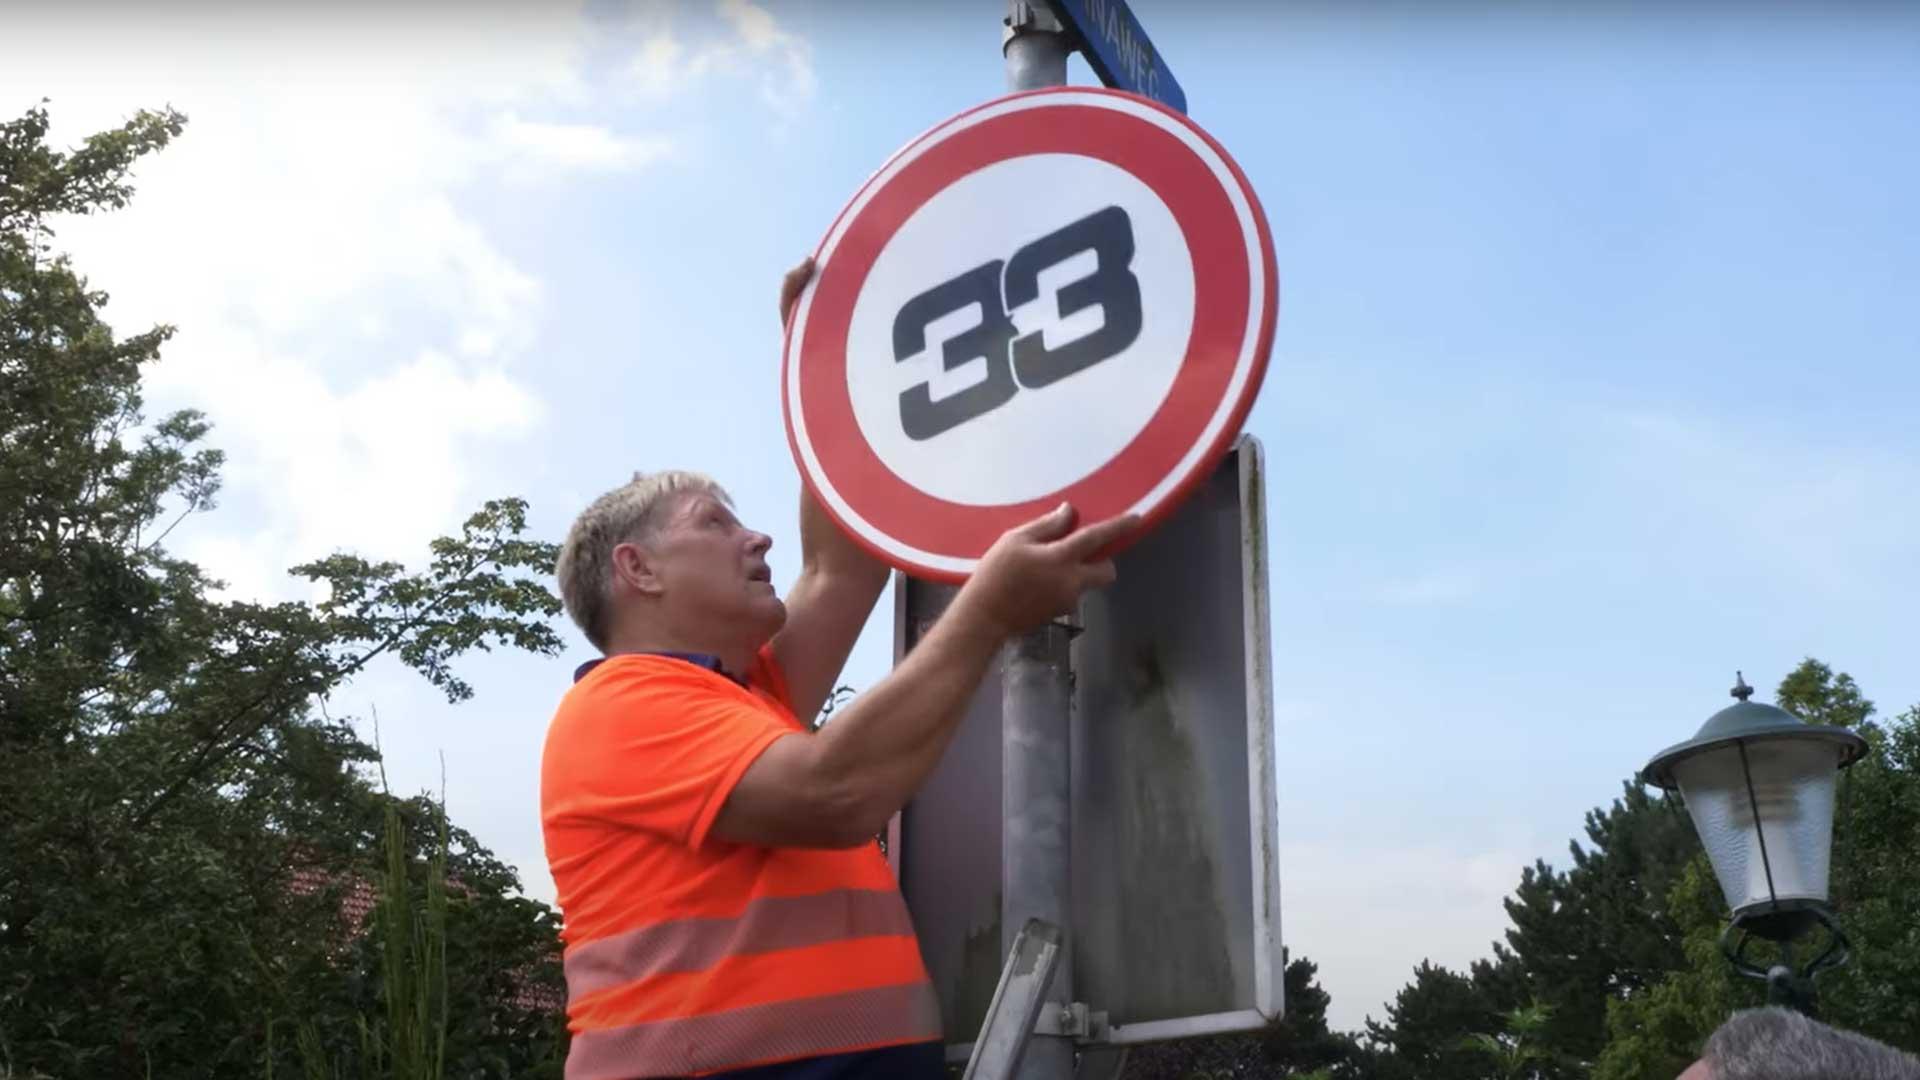 Verkeersborden Zandvoort vervangen door '33'